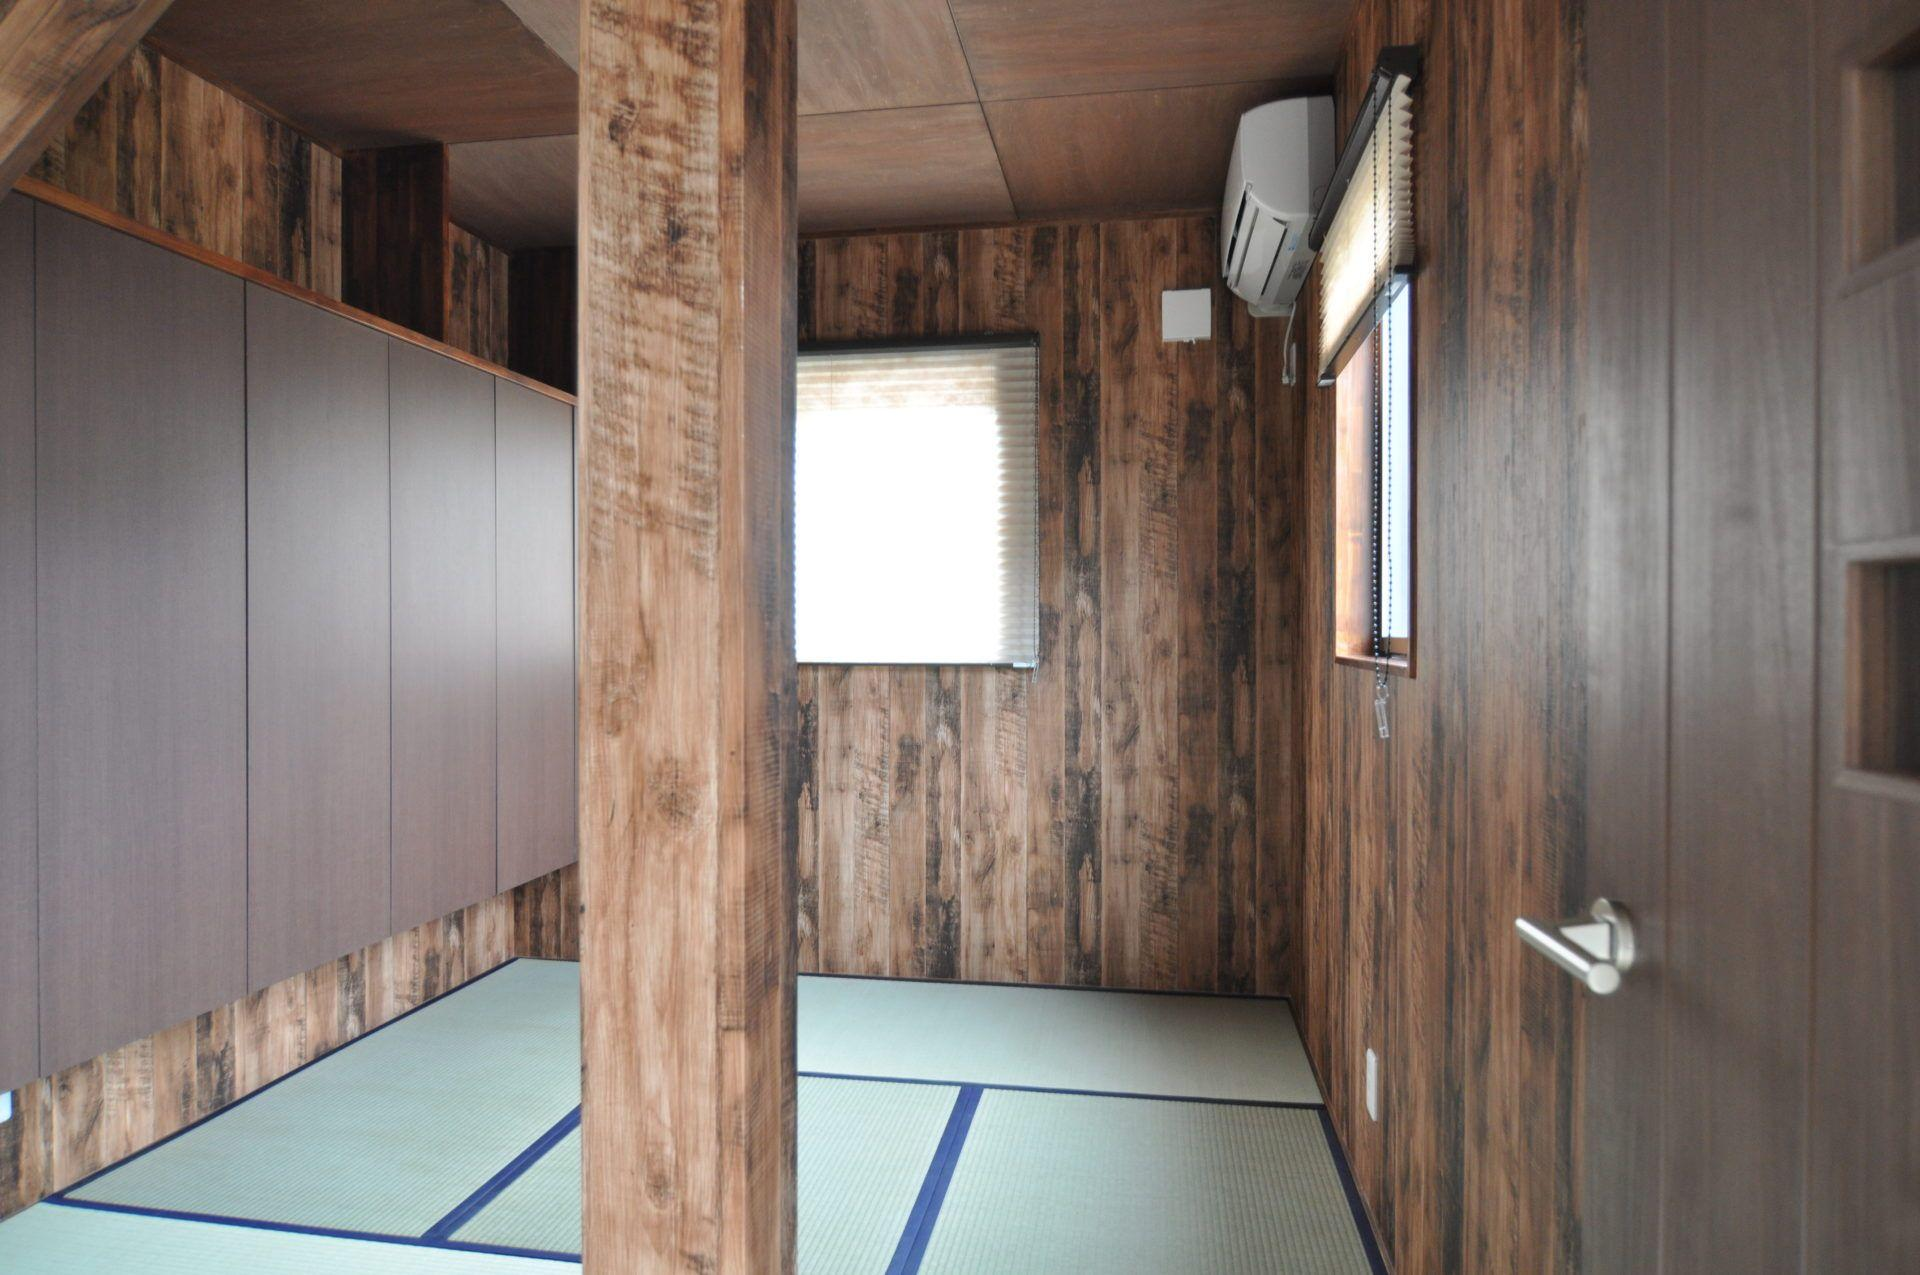 有限会社 市川建築店 1級建築士事務所「三条市 K様邸」の和風・和モダンな居室の実例写真